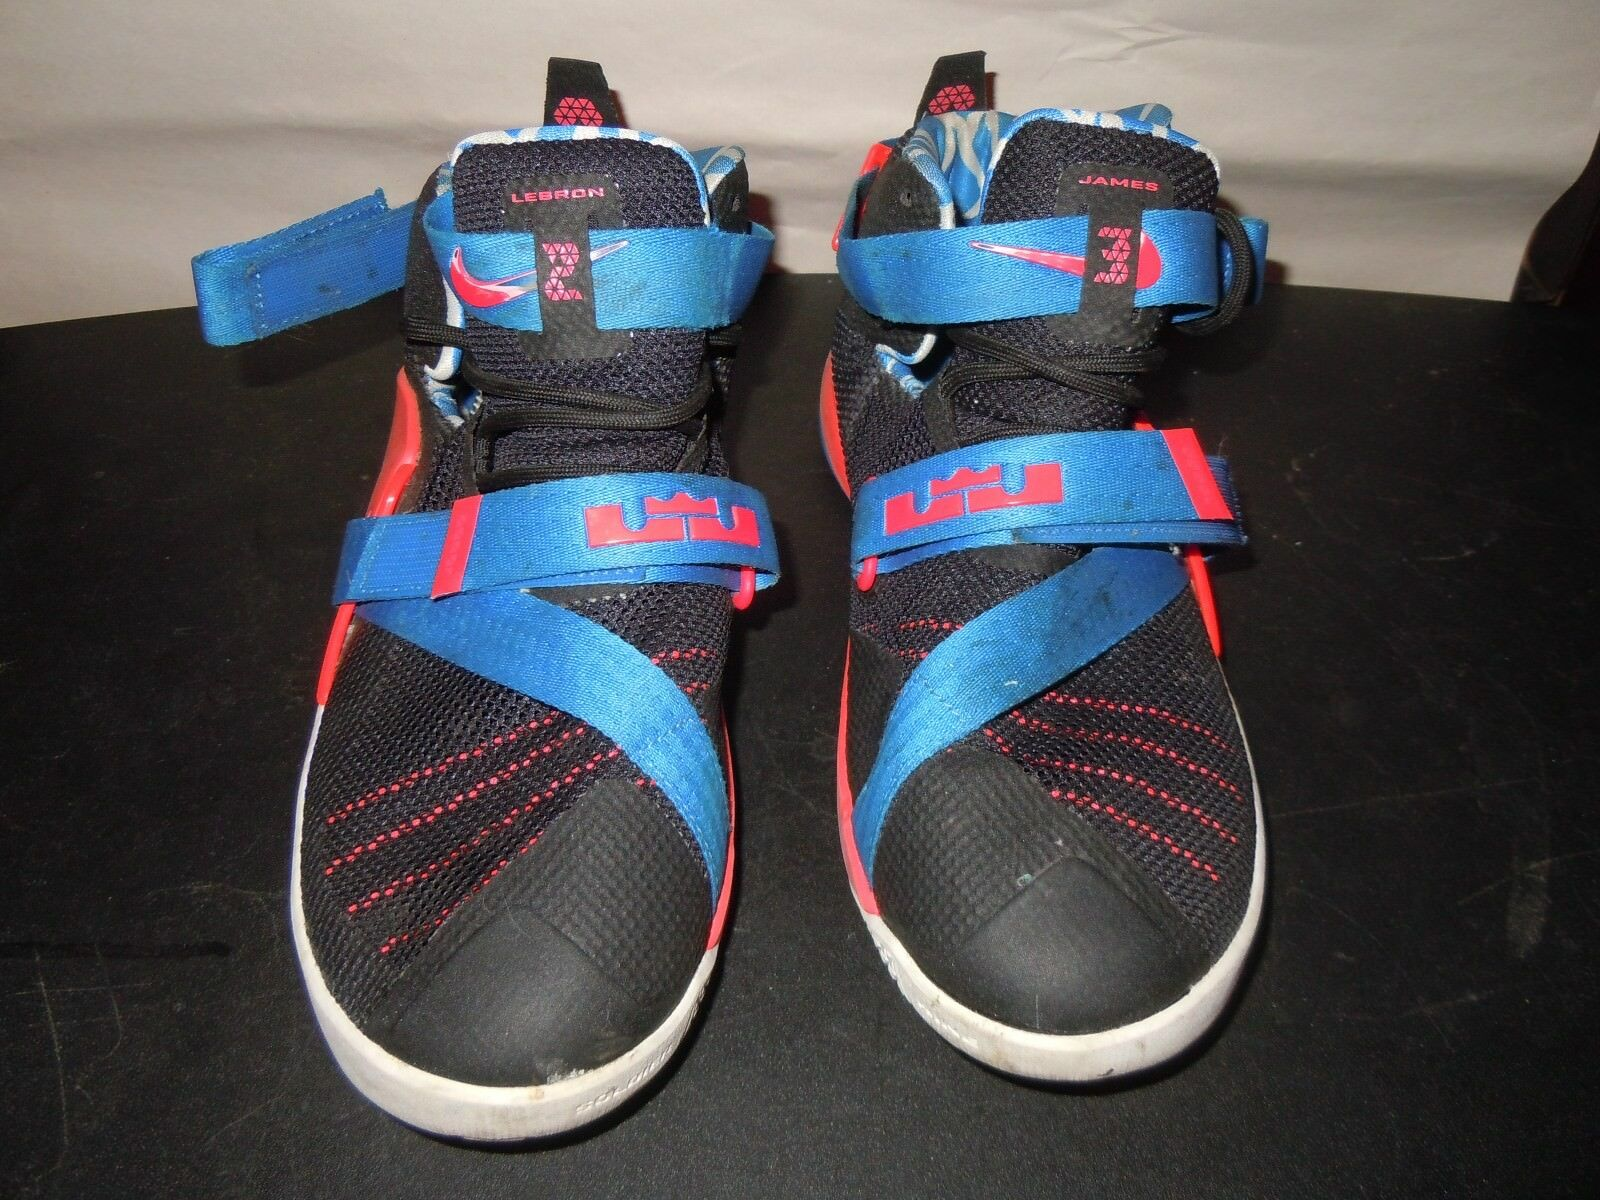 Nike a lebron james, entro il 2015, scarpe da basket rosa nero taglia 6.5y | Tatto Comodo  | Uomo/Donne Scarpa